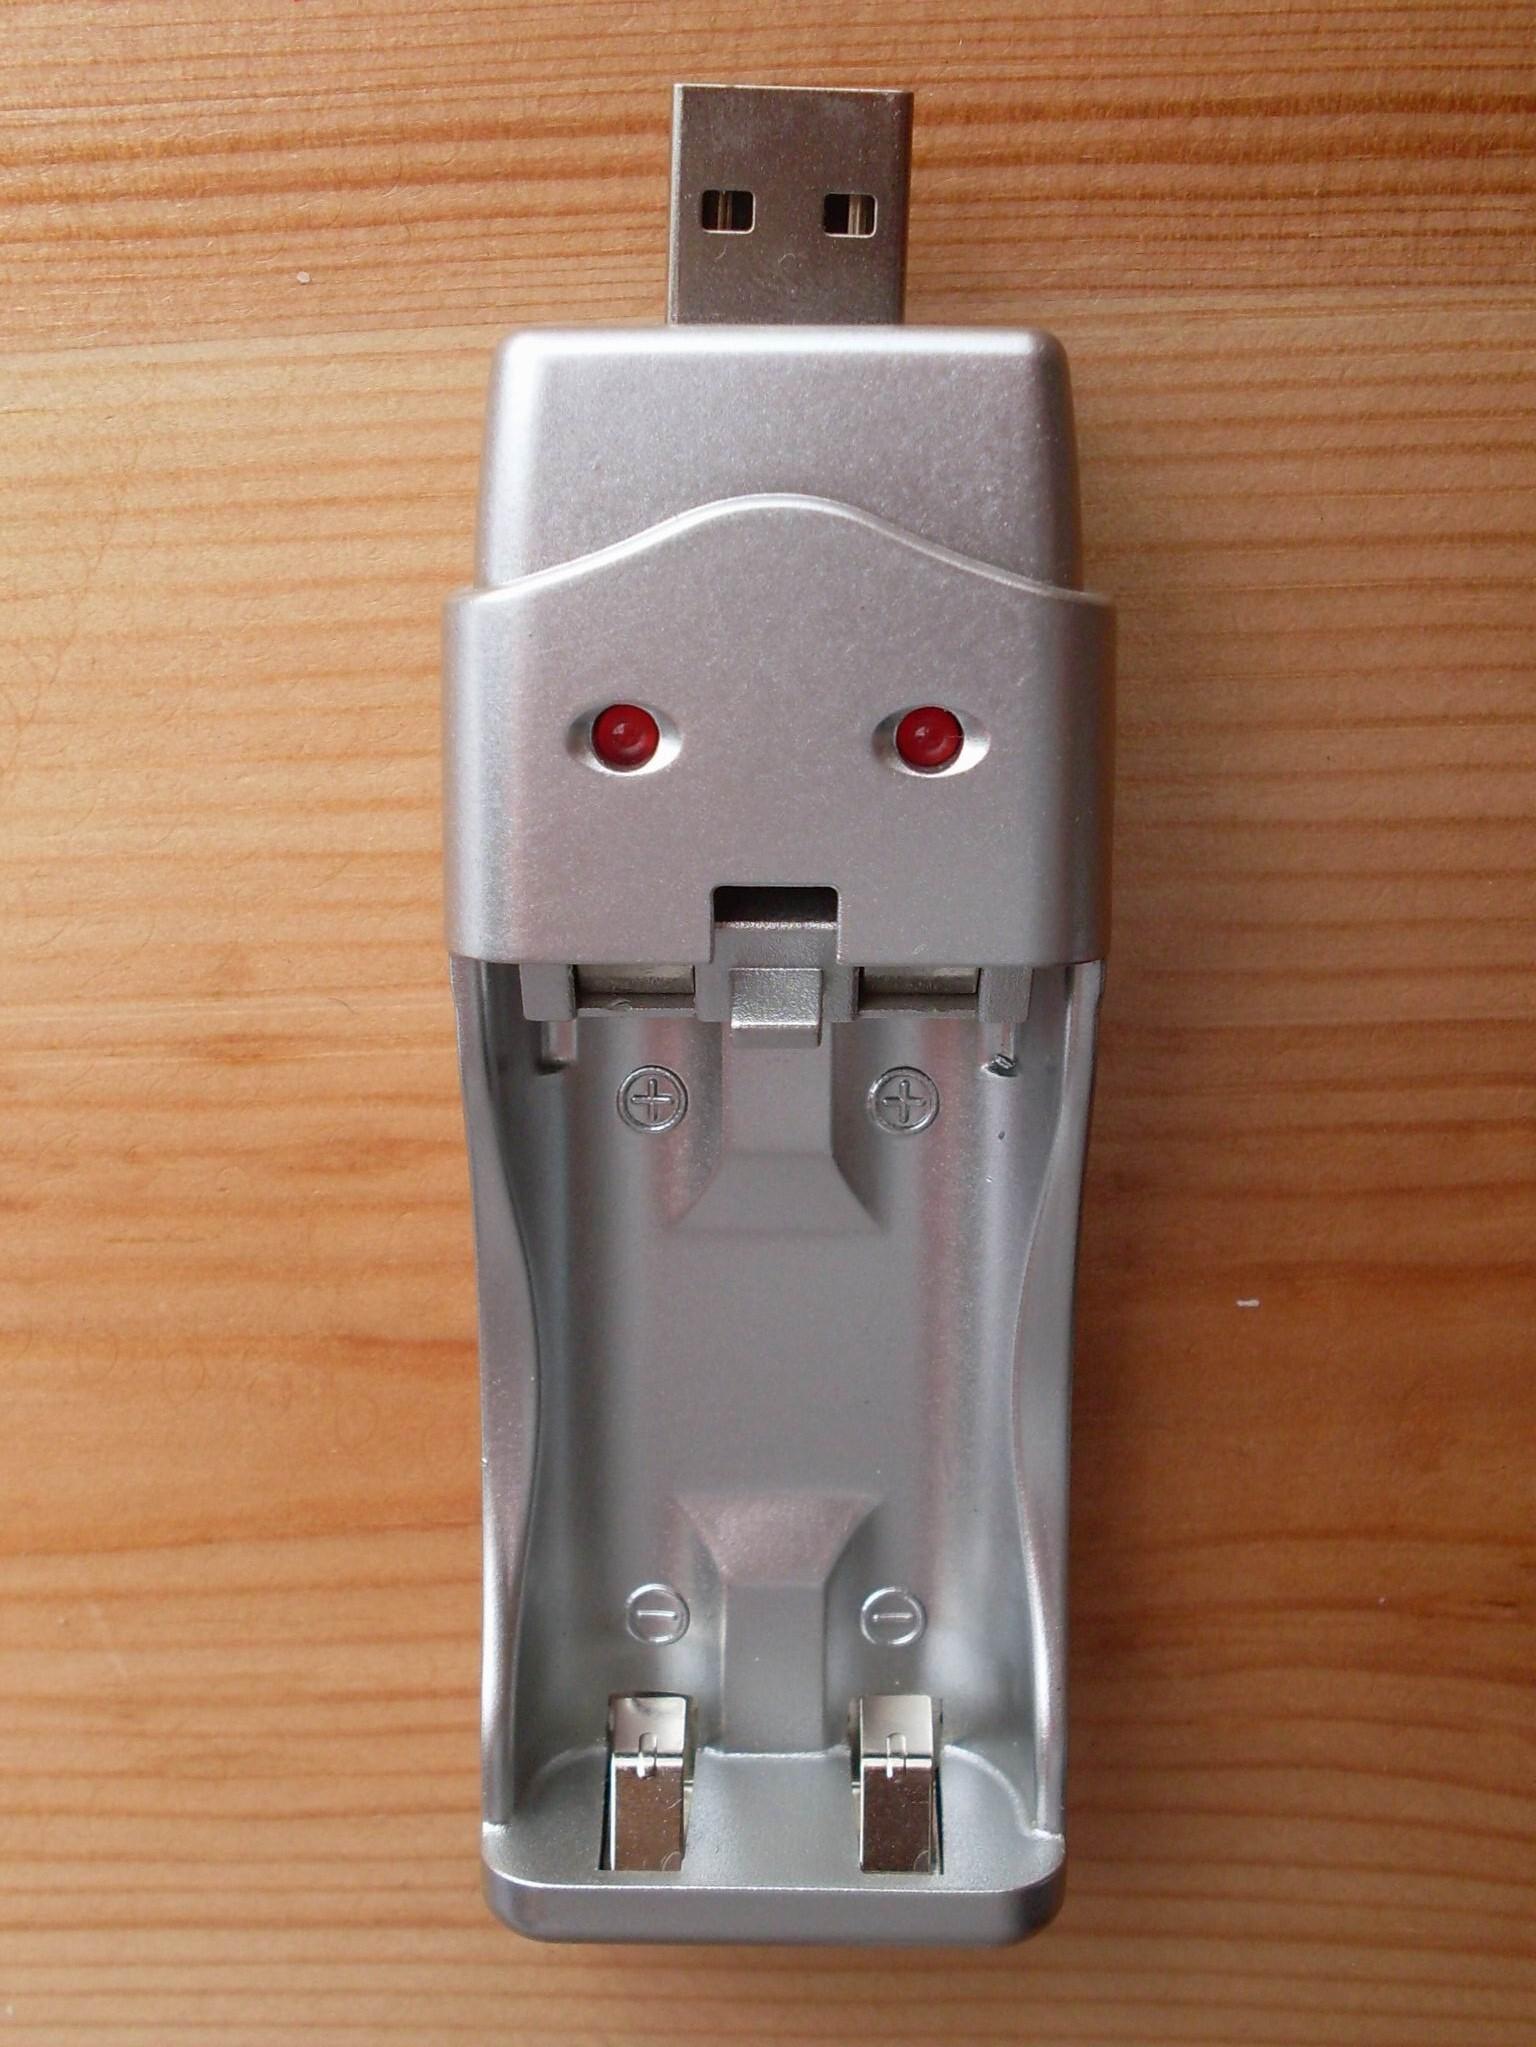 открыта крышка USB порта